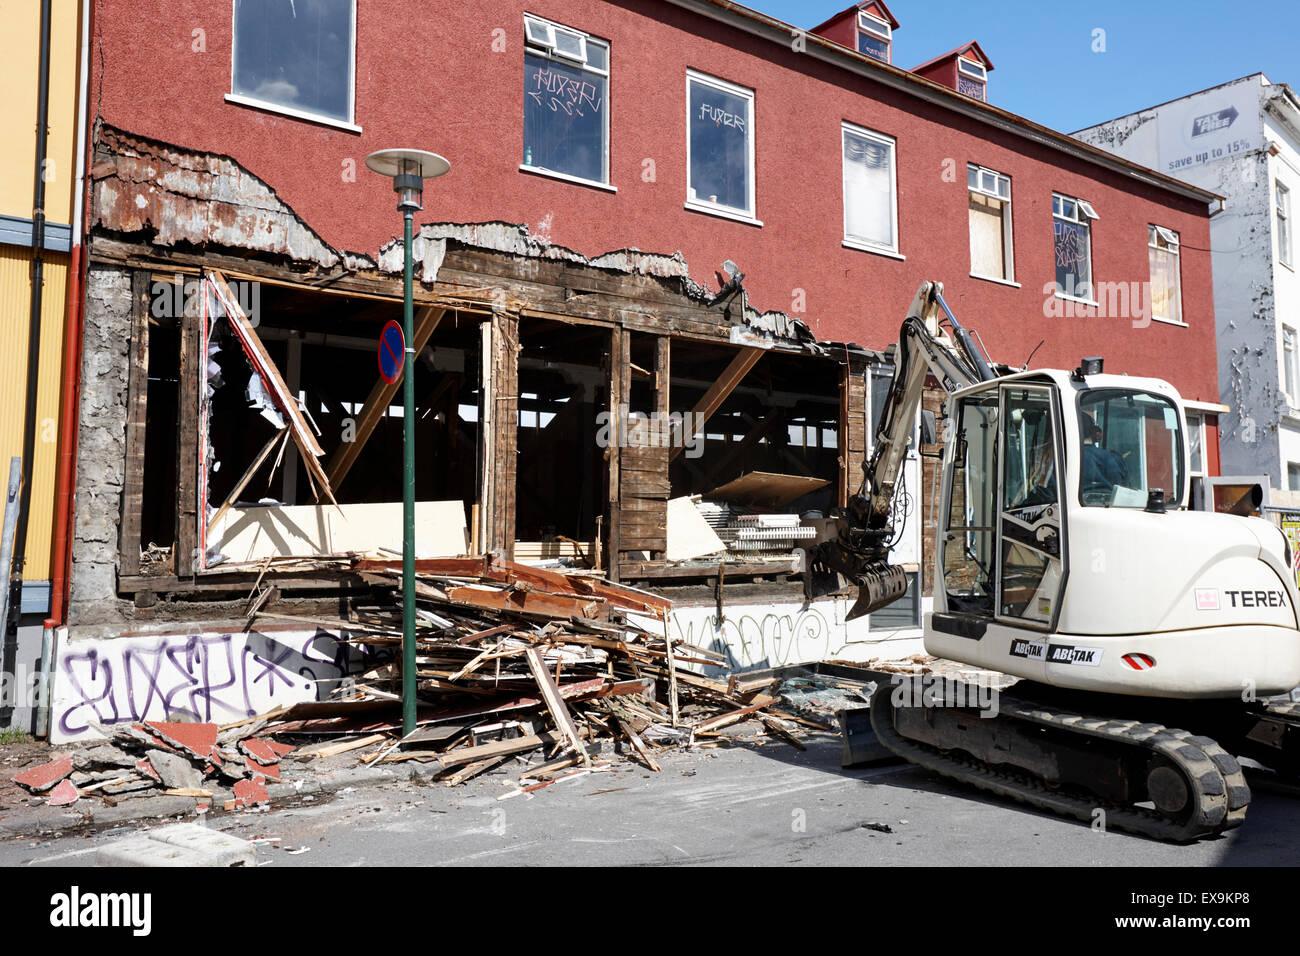 demolishing stucco corrugated iron clad wood framed building reykjavik iceland - Stock Image